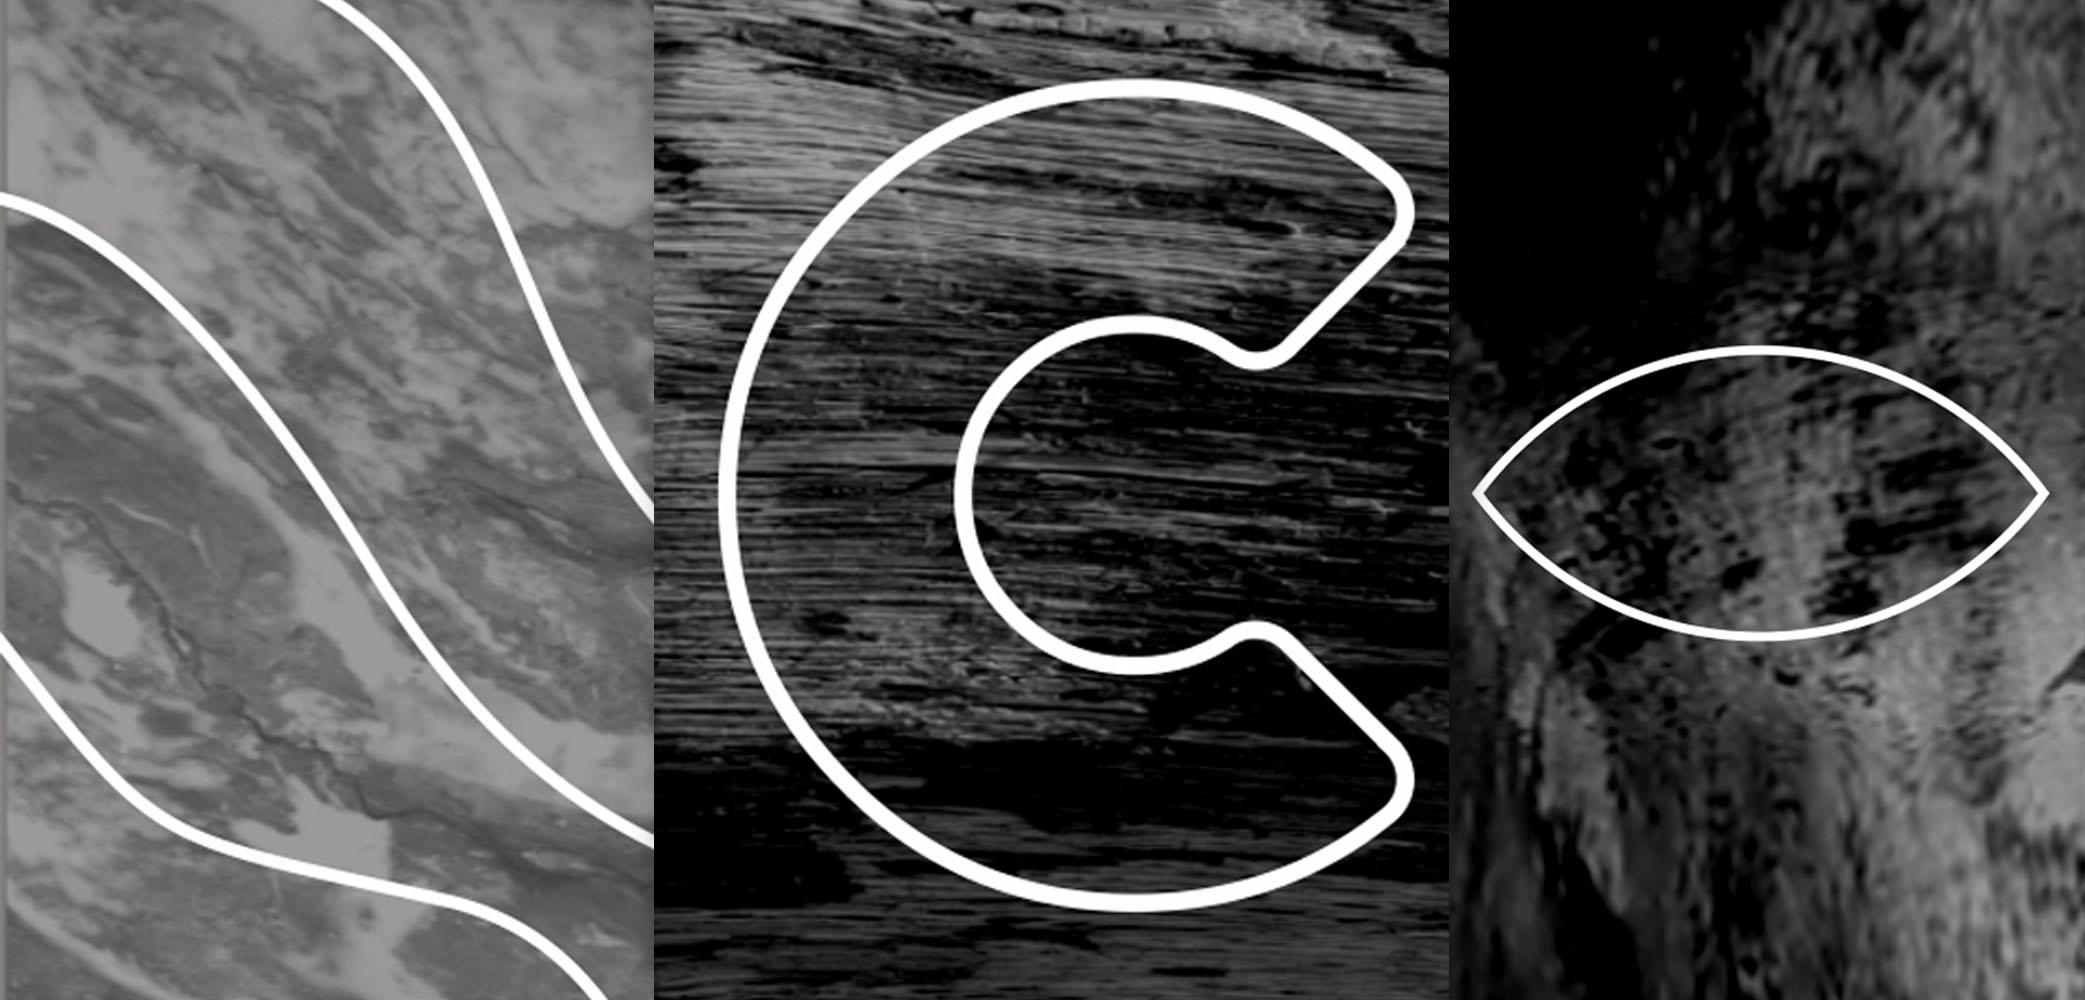 _cecilia-escultura-01-conceitos-02b